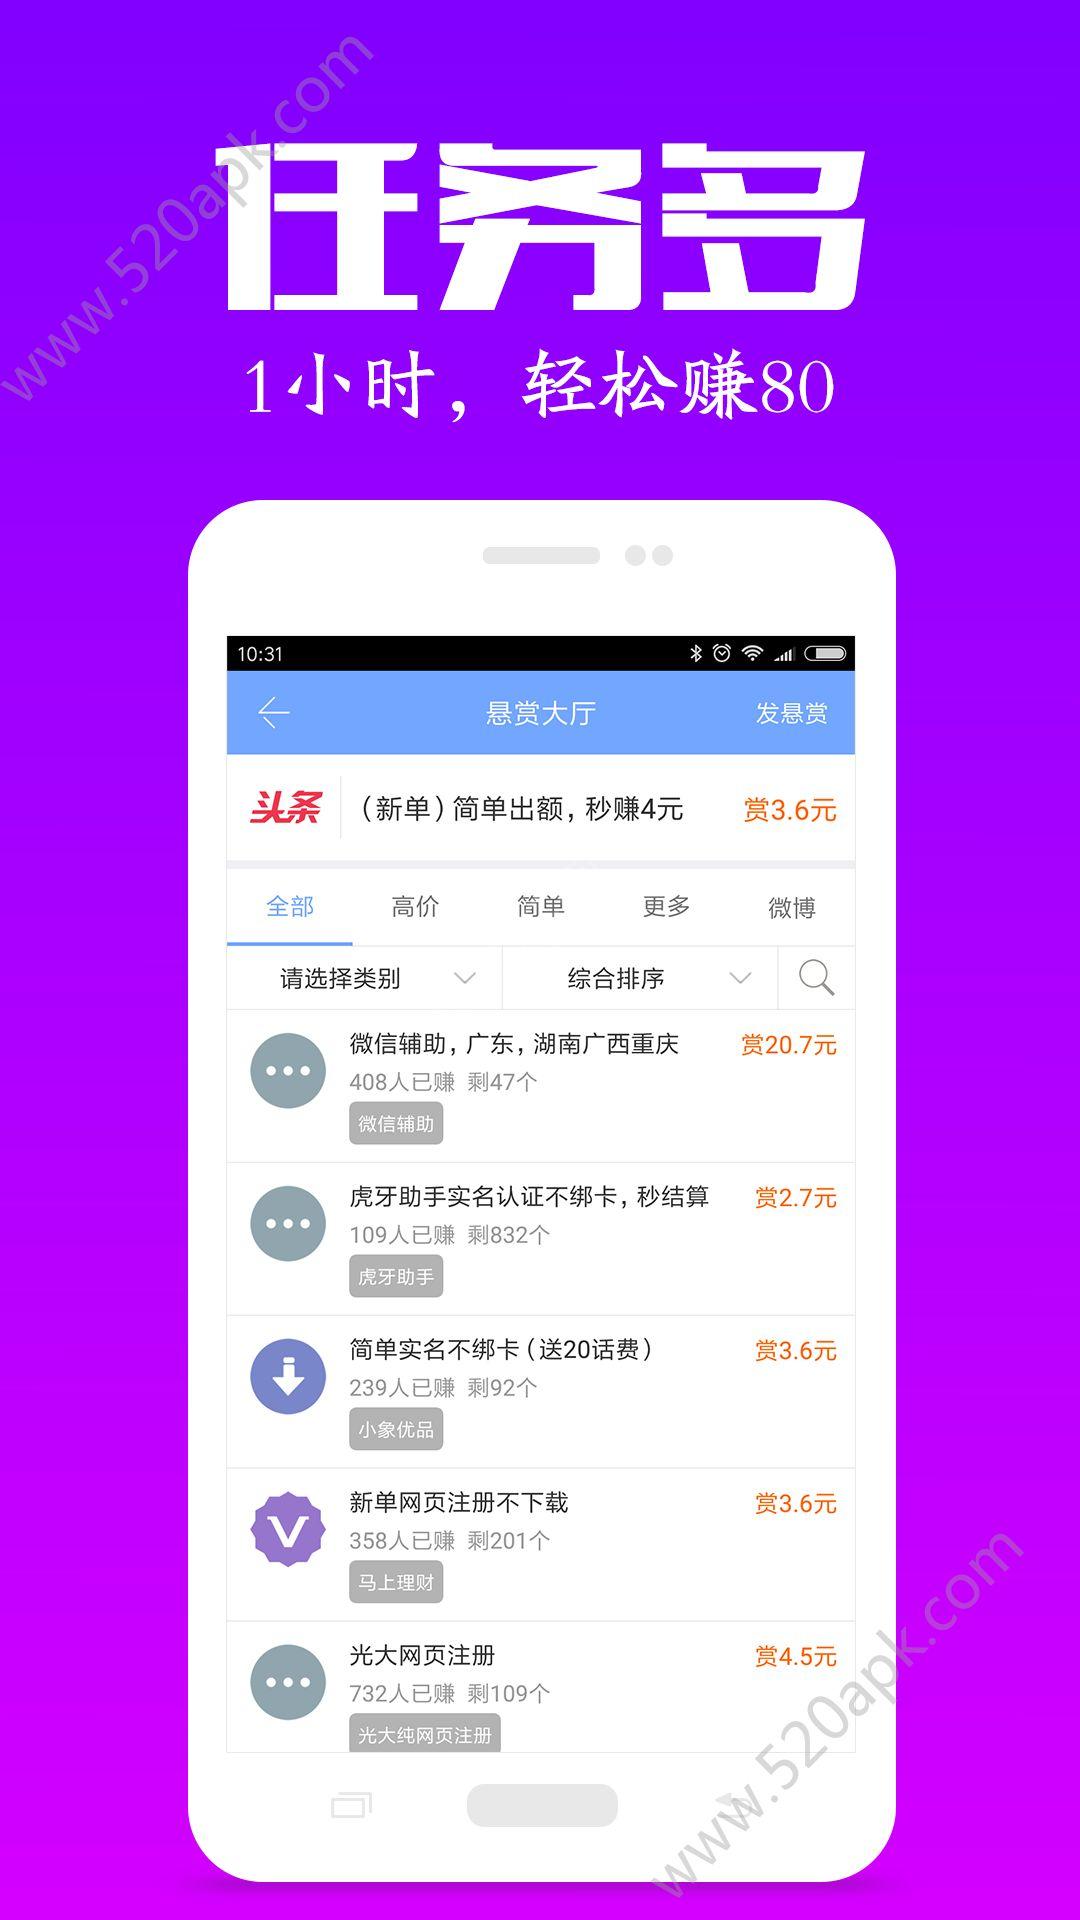 众人帮app官方苹果版下载  v3.73图1